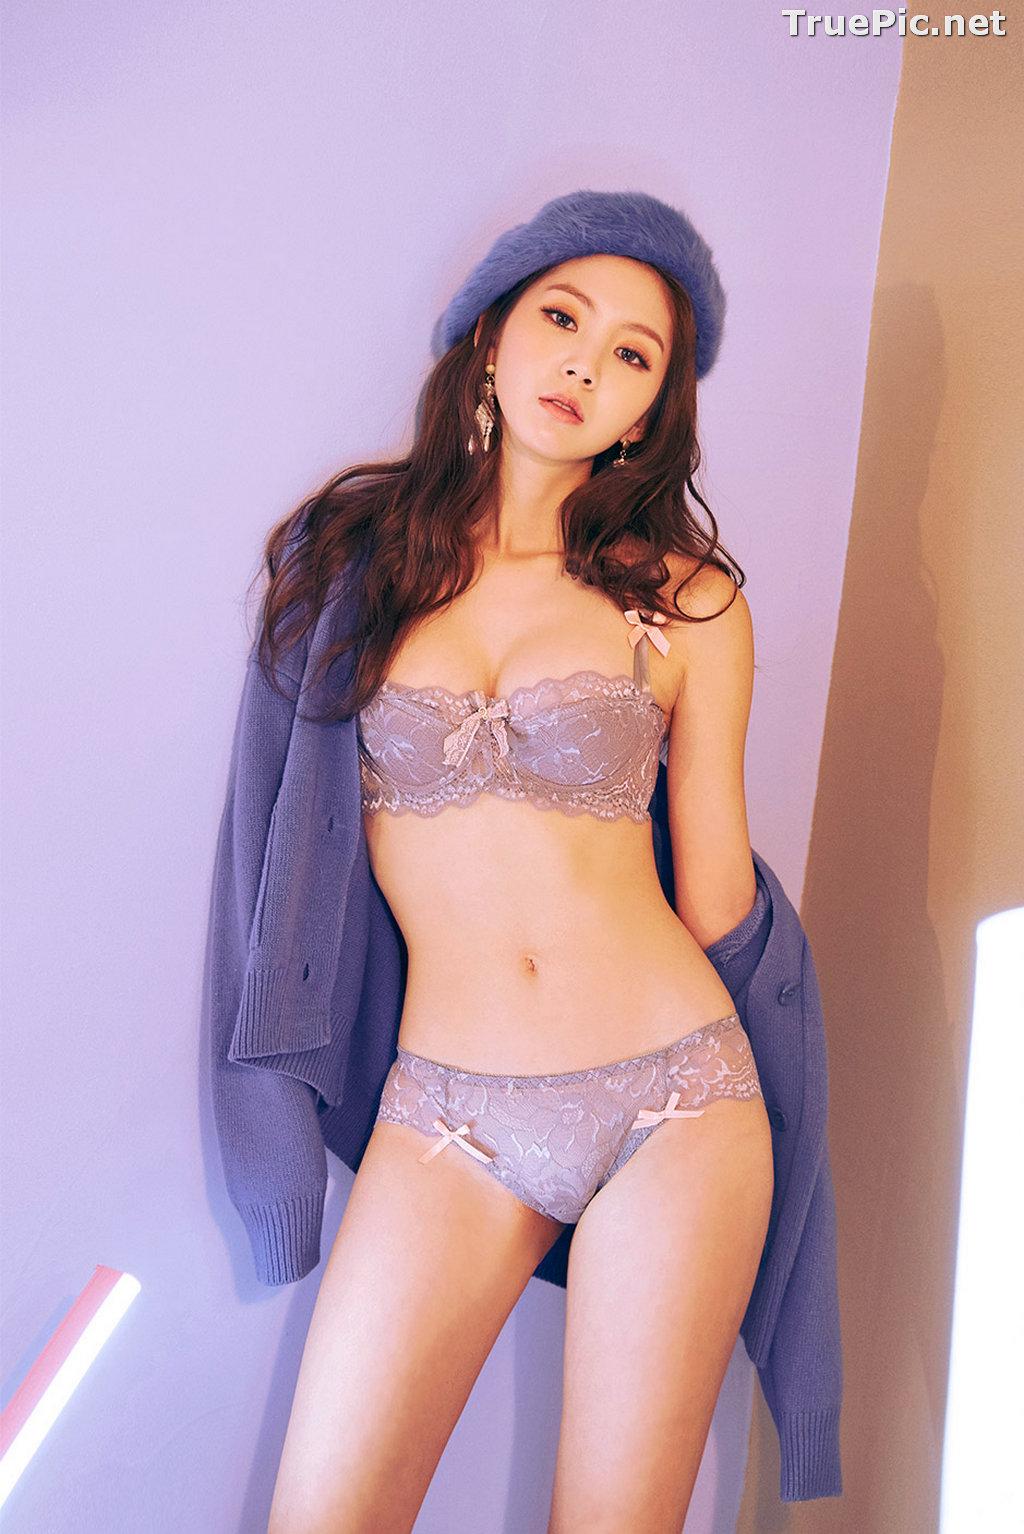 Image Korean Fashion Model - Lee Chae Eun - SaLon De Lingerie Collection - TruePic.net - Picture-5